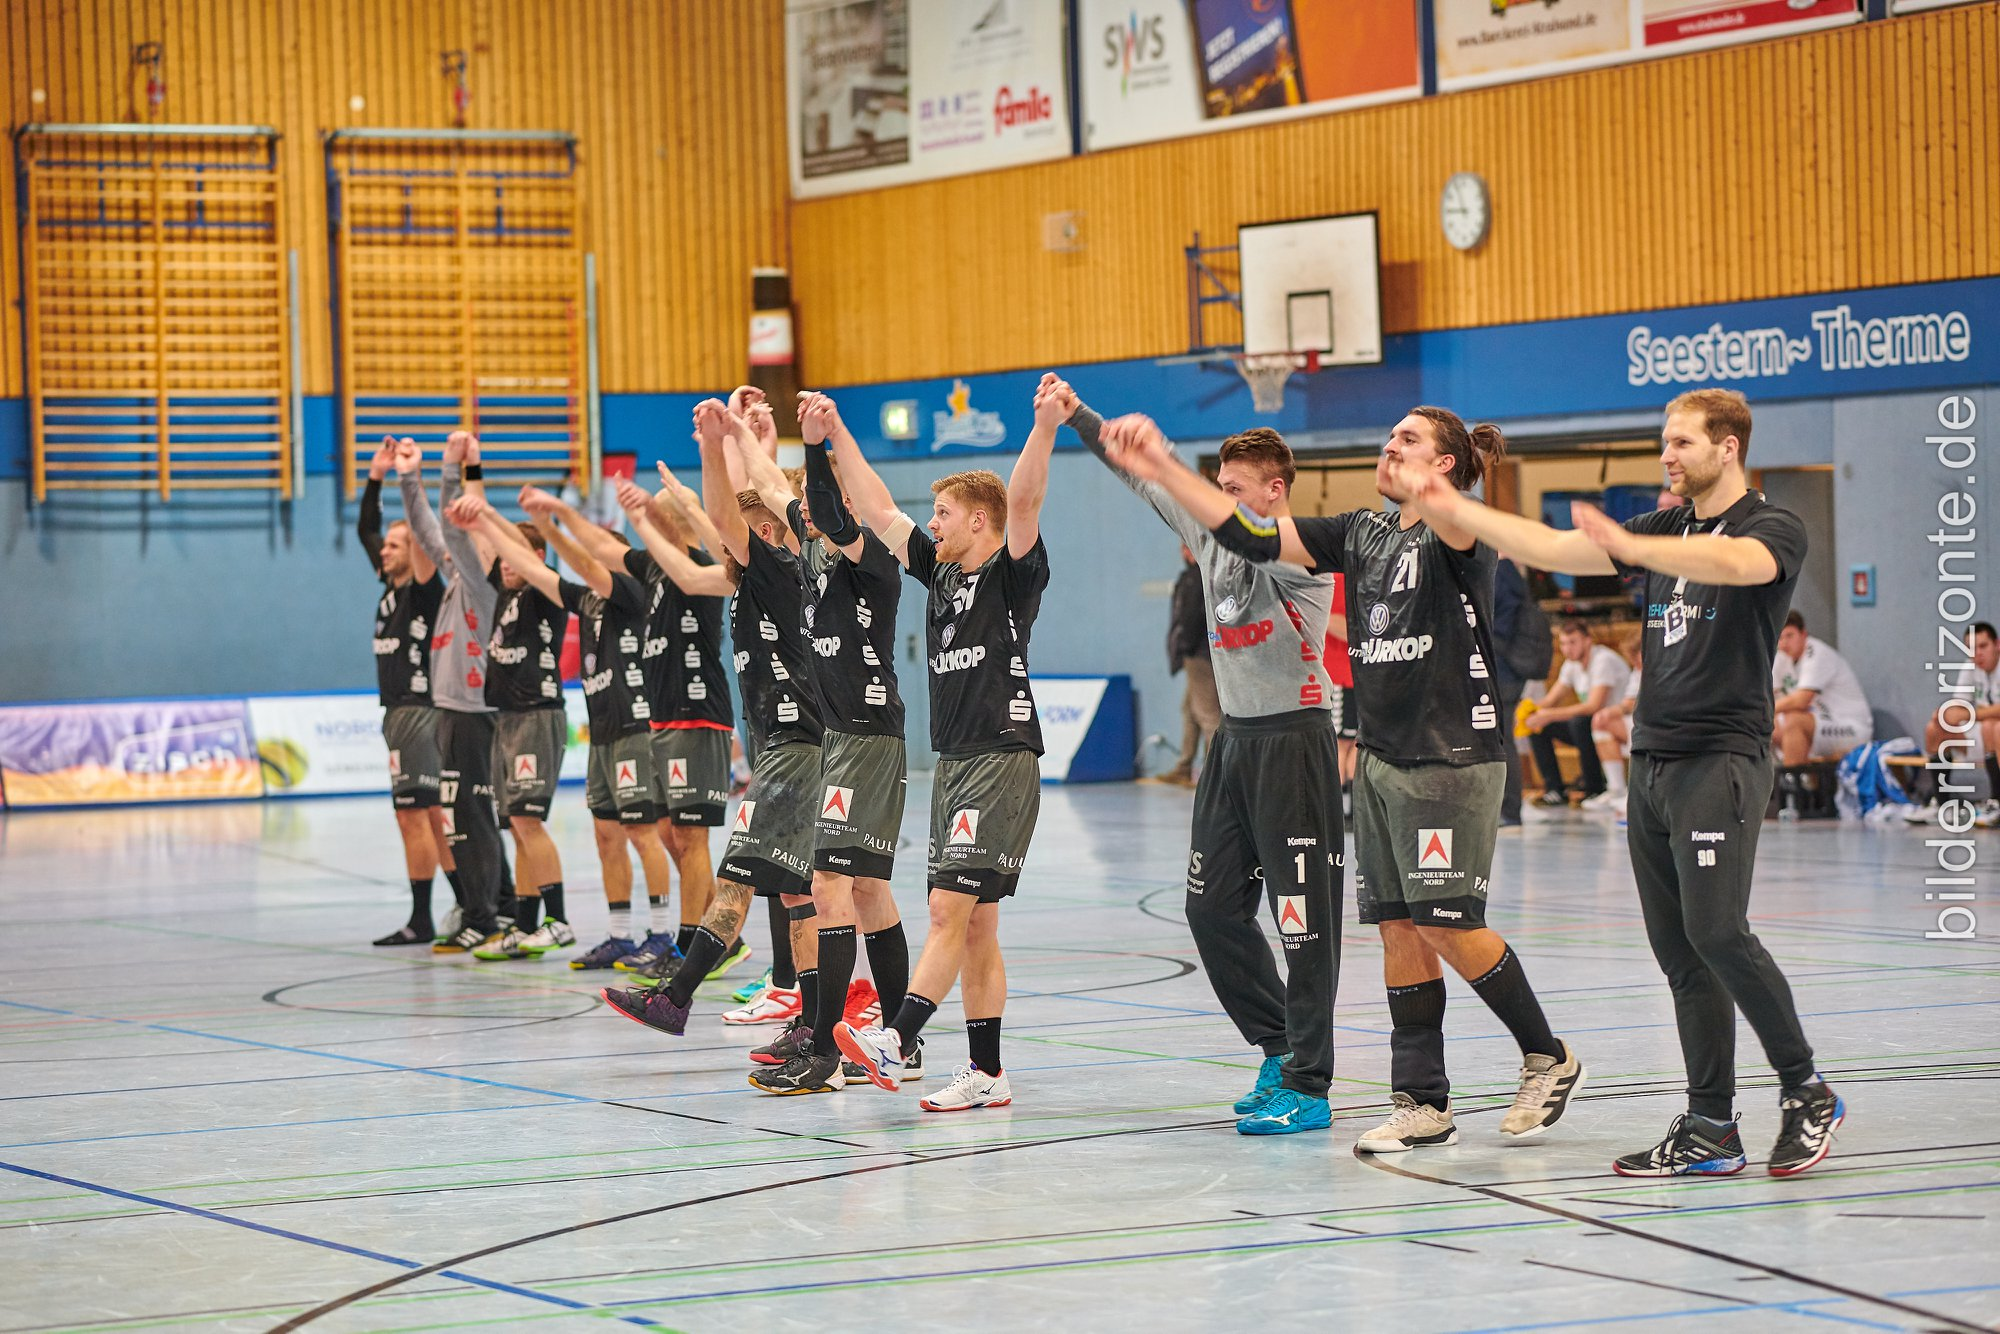 3. Liga, wir kommen! Stralsunder HV krönt Meistertitel mit dem Aufstieg  Handballer nehmen das Aufstiegsrecht wahr und treffen in der kommenden Saison auf den HC Empor Rostock und die Stiere aus Schwerin